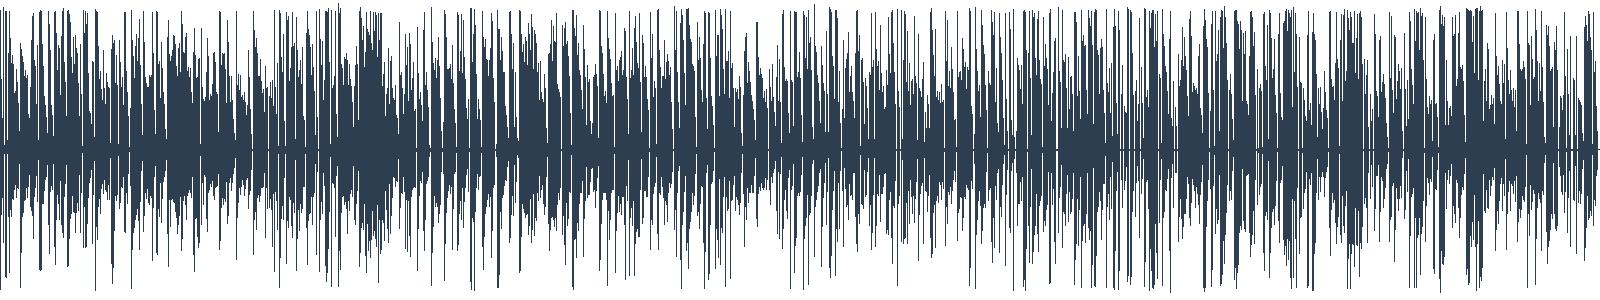 Audiokniha - Prdiprášok doktora Proktora waveform